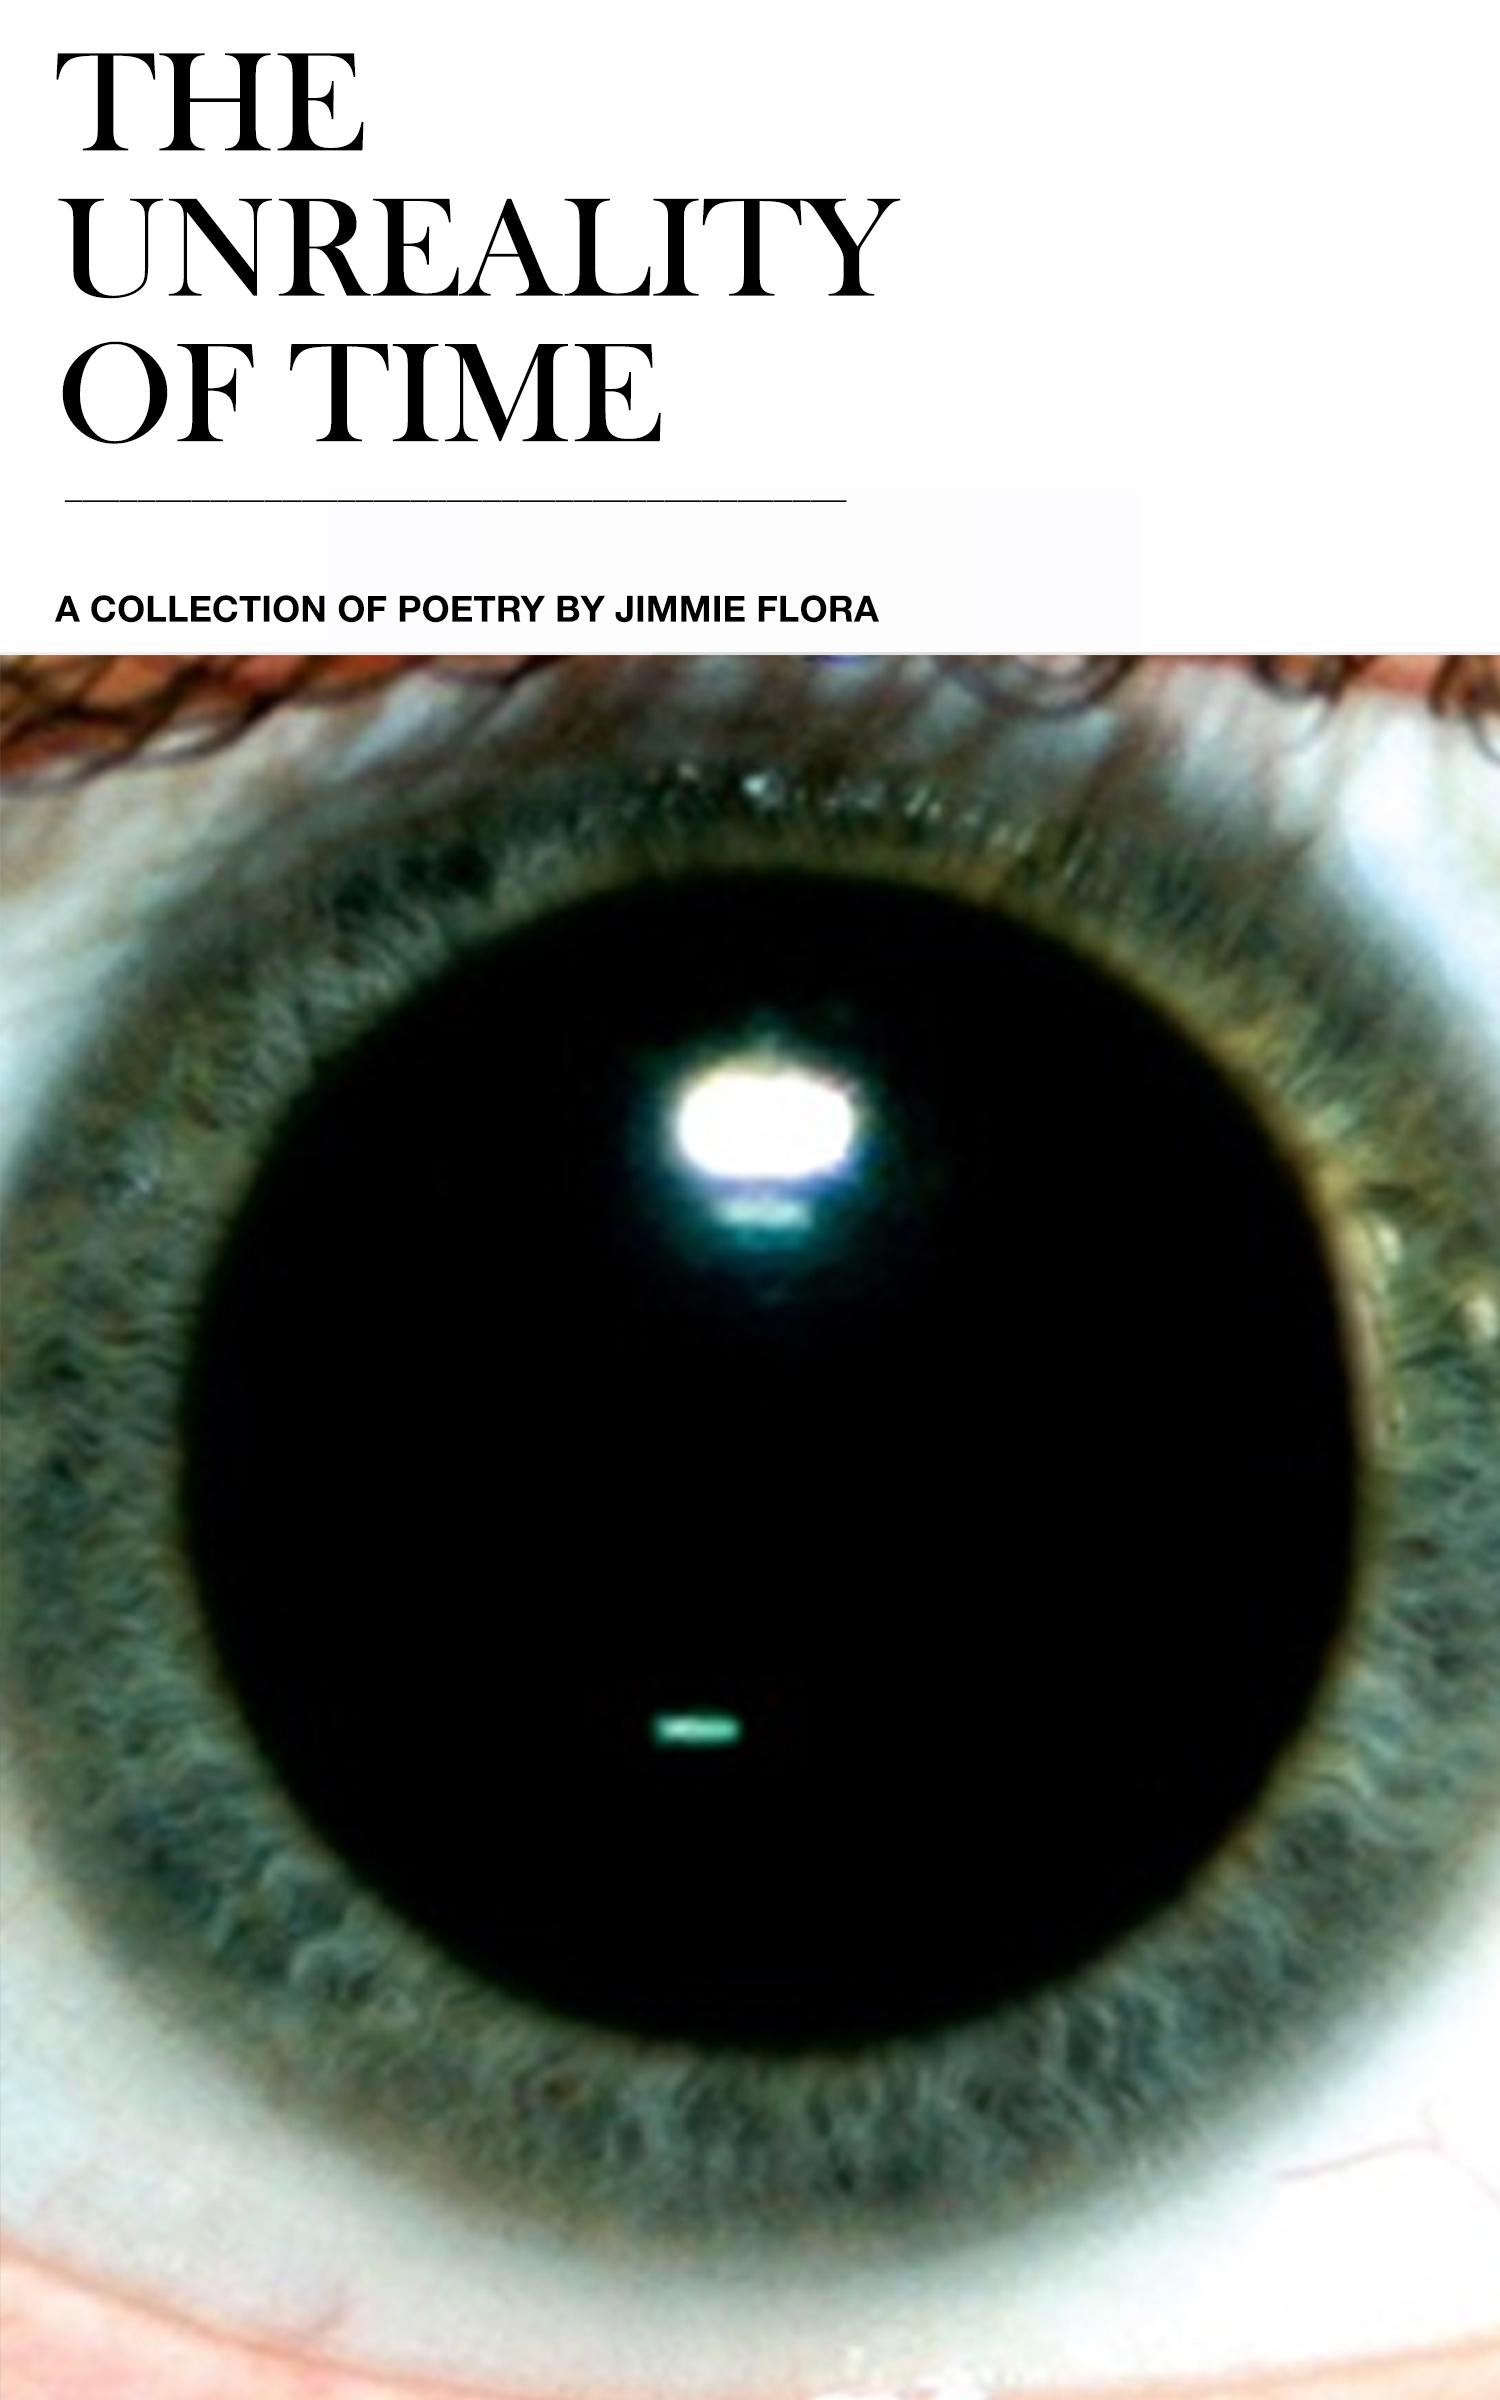 UTbookcover-eye.jpg